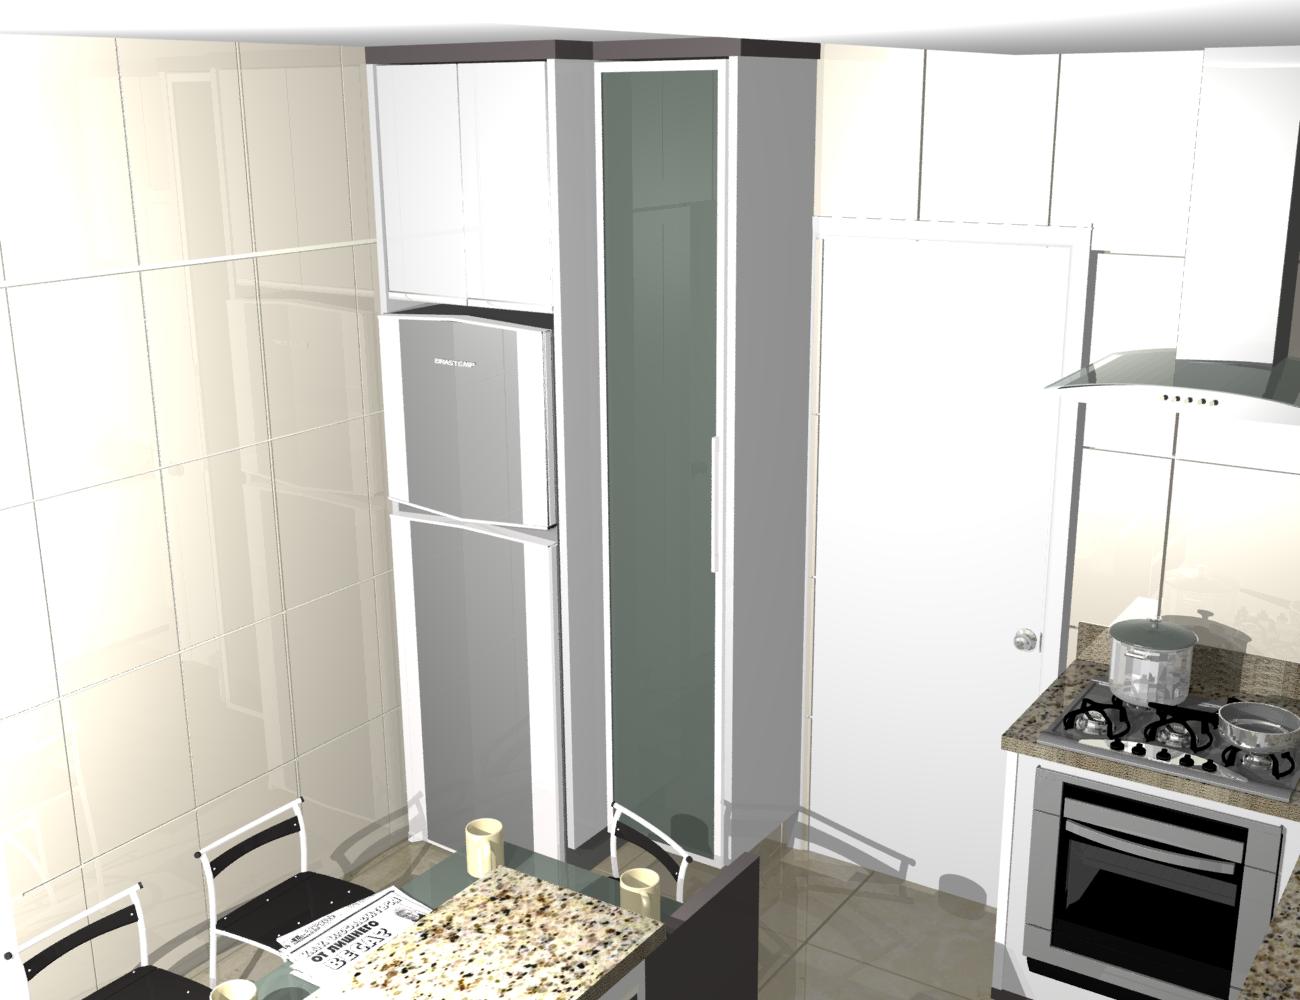 para cozinhas cozinhas planejadas dellano dellano cozinhas planejadas #7A7051 1300 1000